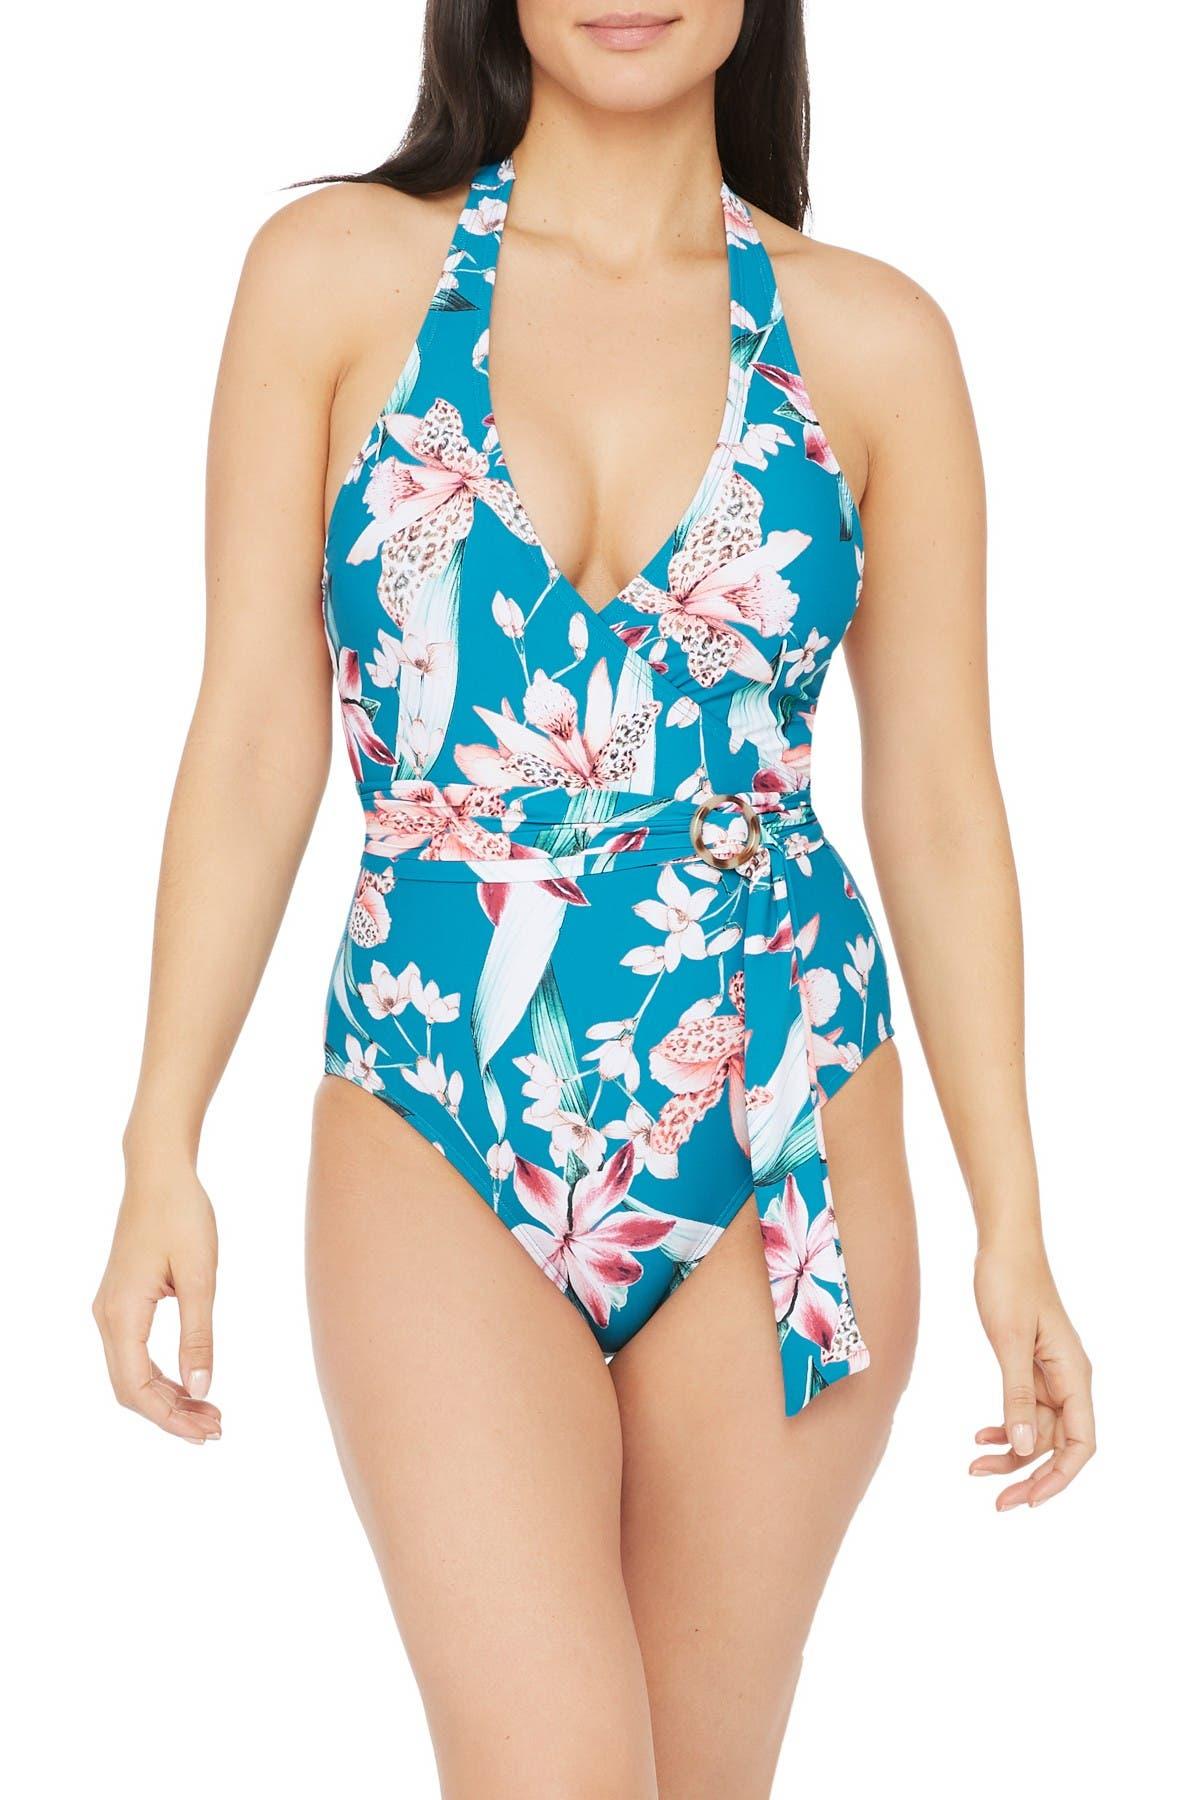 Image of La Blanca Swimwear Flyaway Surplice Belted One-Piece Swimsuit